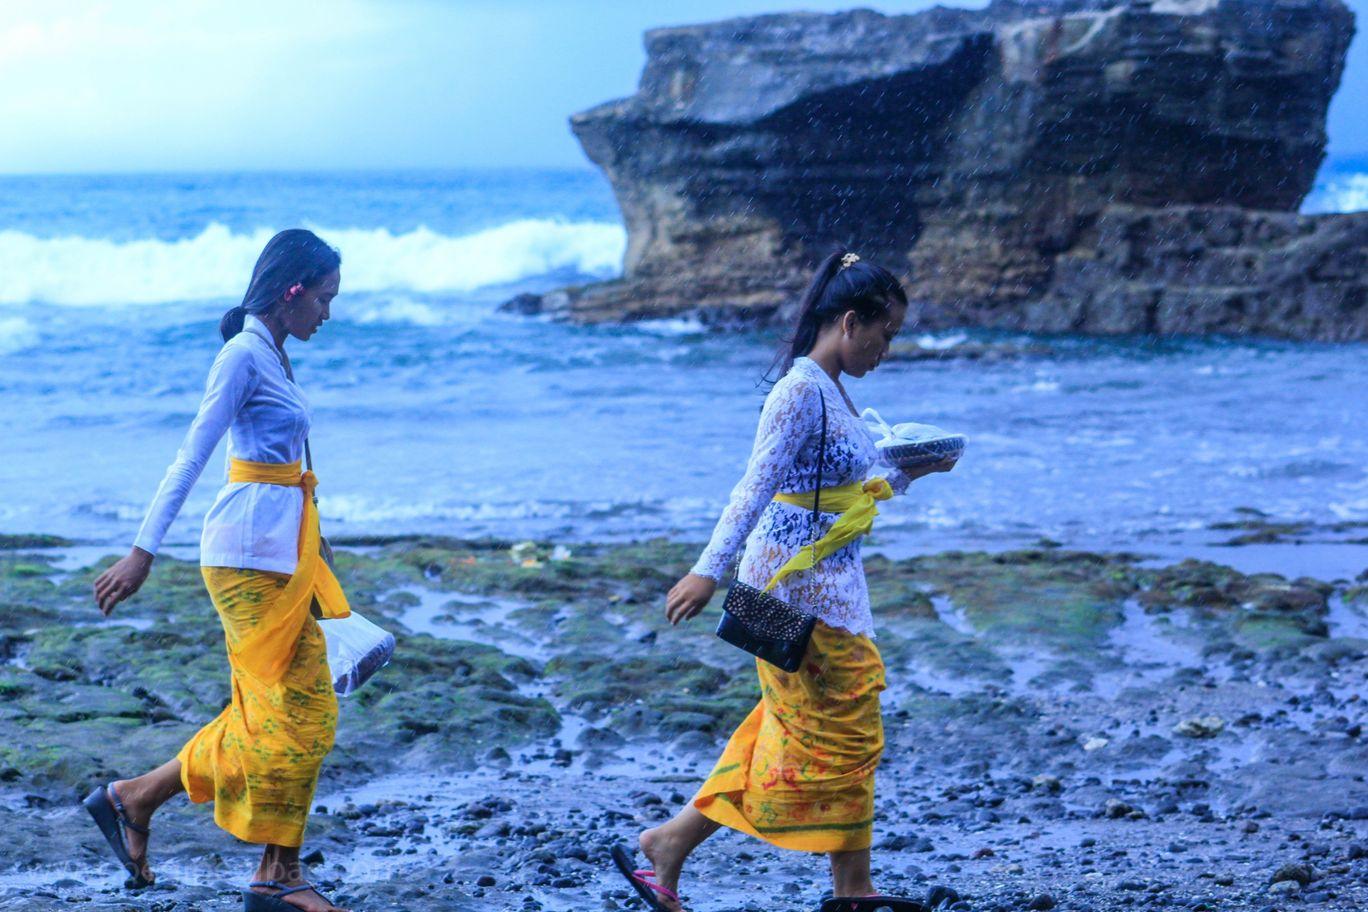 Photo of Bali By jasmal